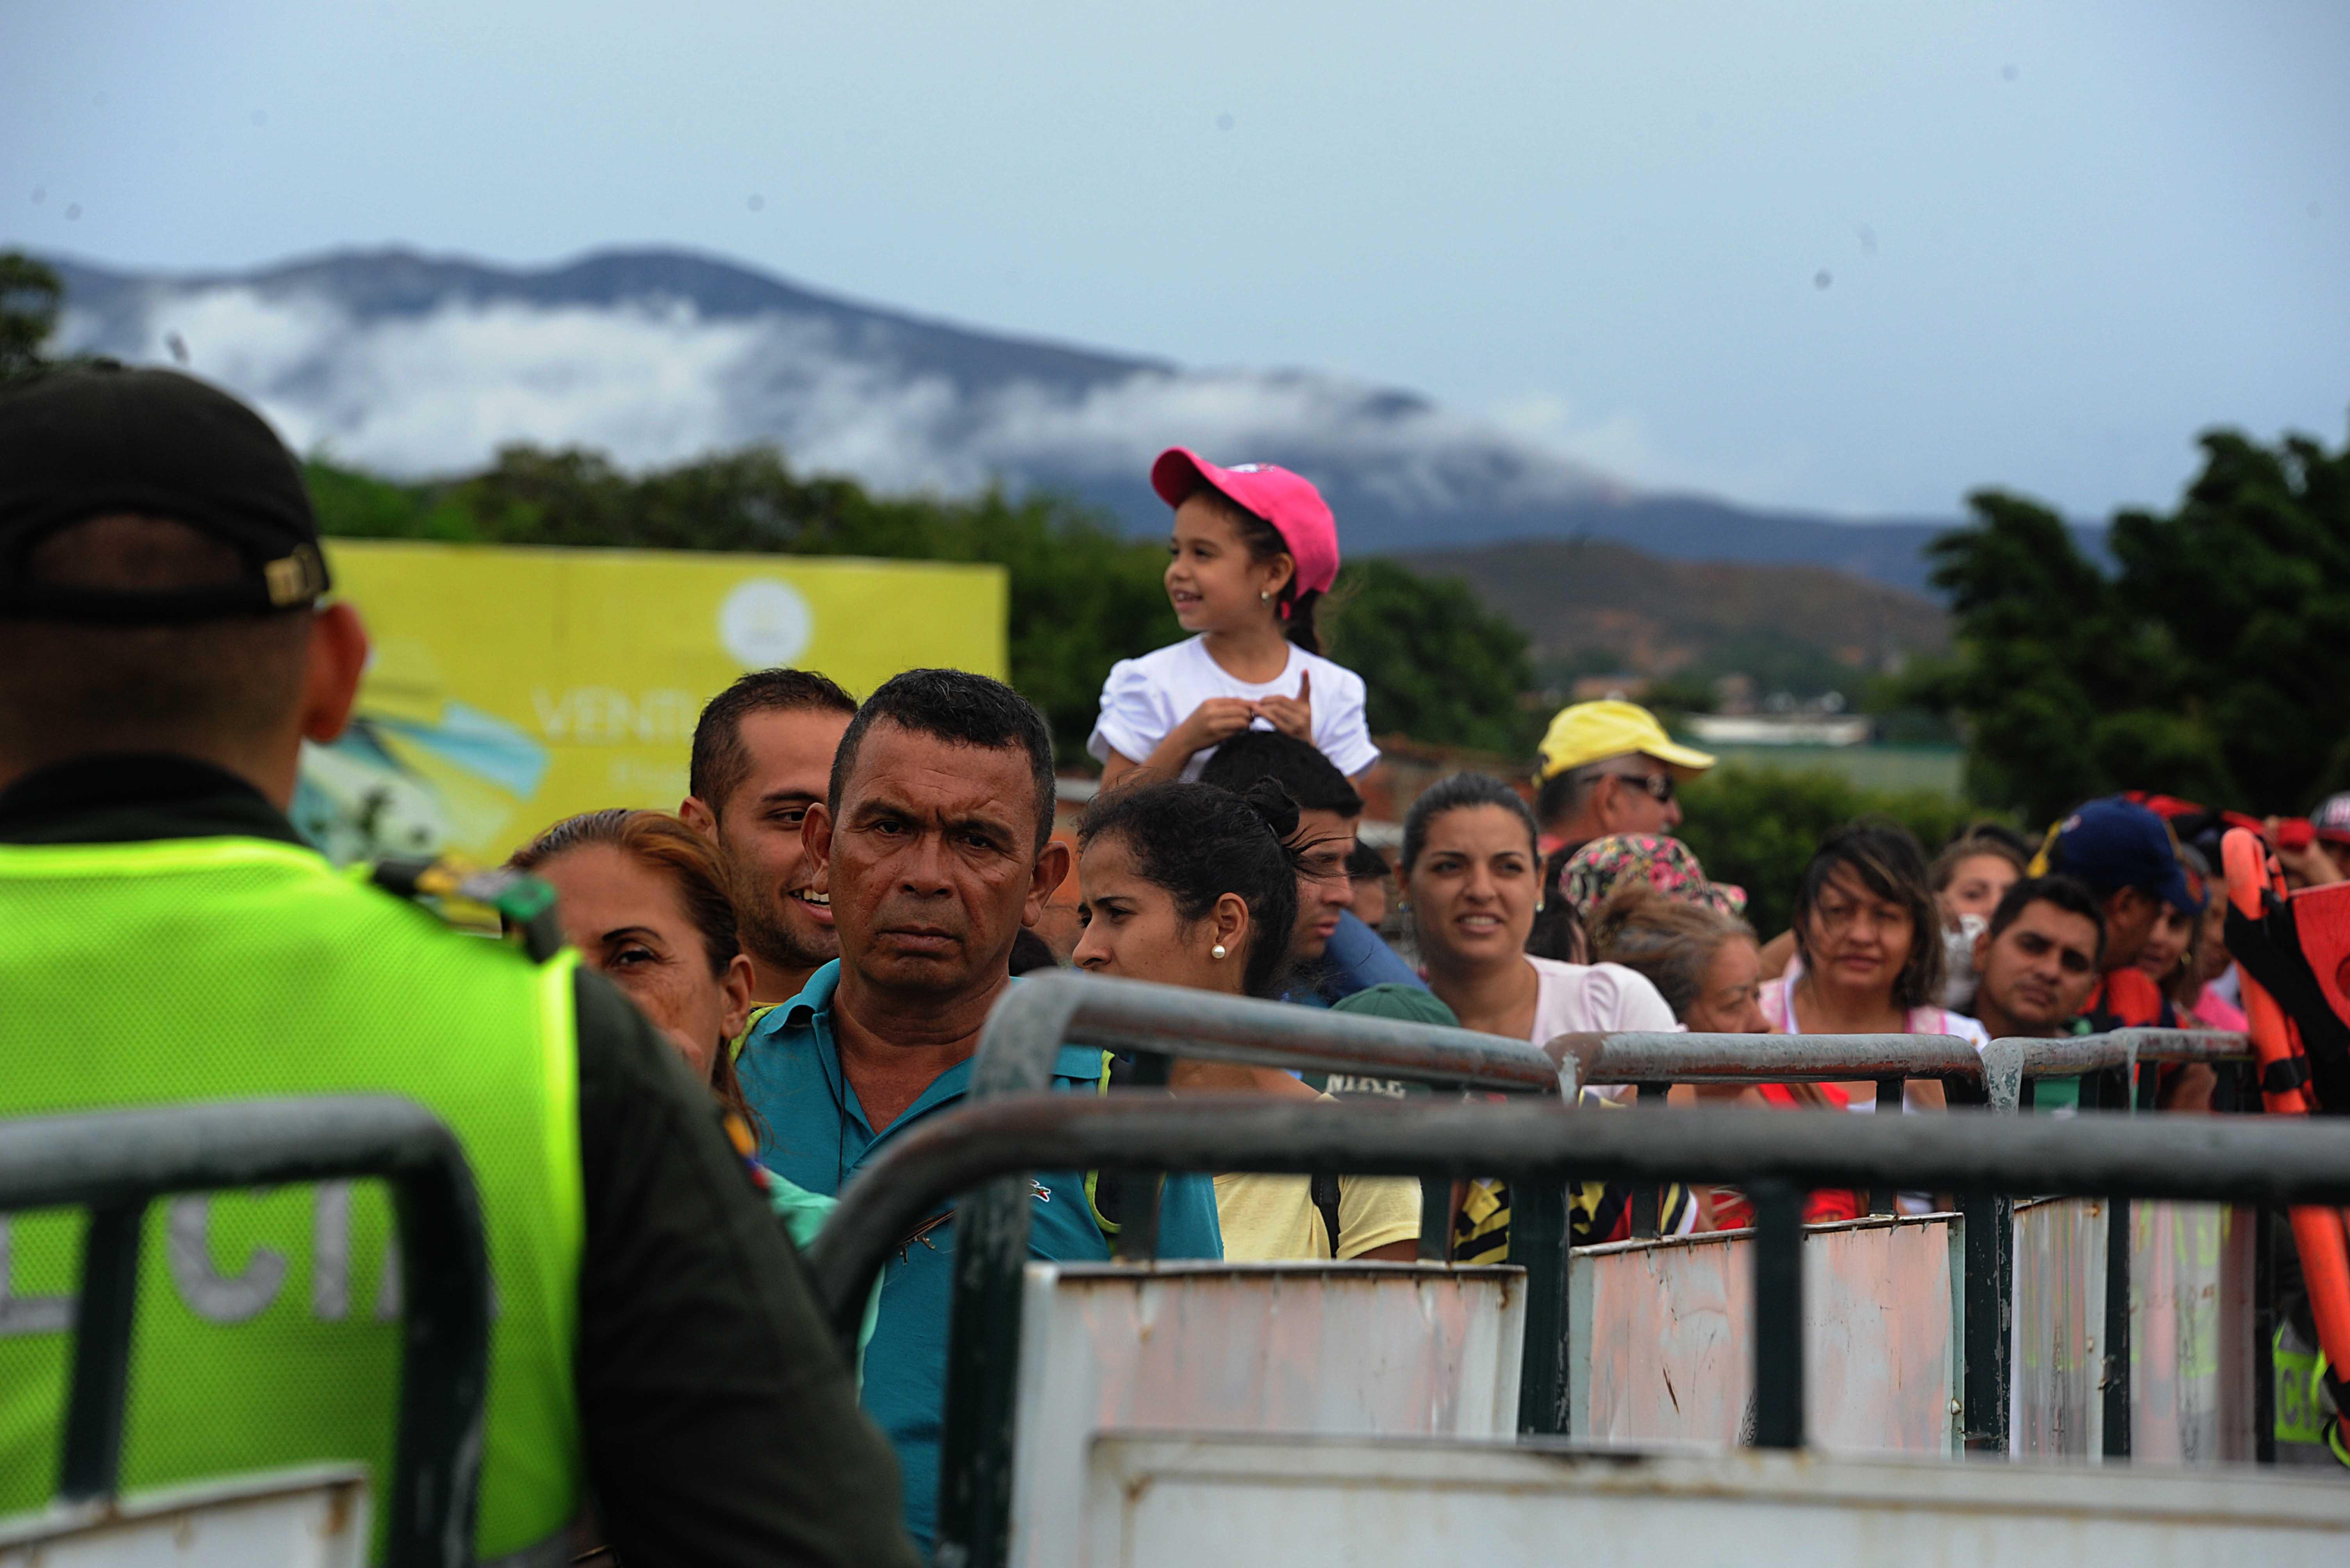 Venezuelában annyira bejött a szocializmus, hogy 35 ezer ember jár át Kolumbiába élelmiszerért és gyógyszerért